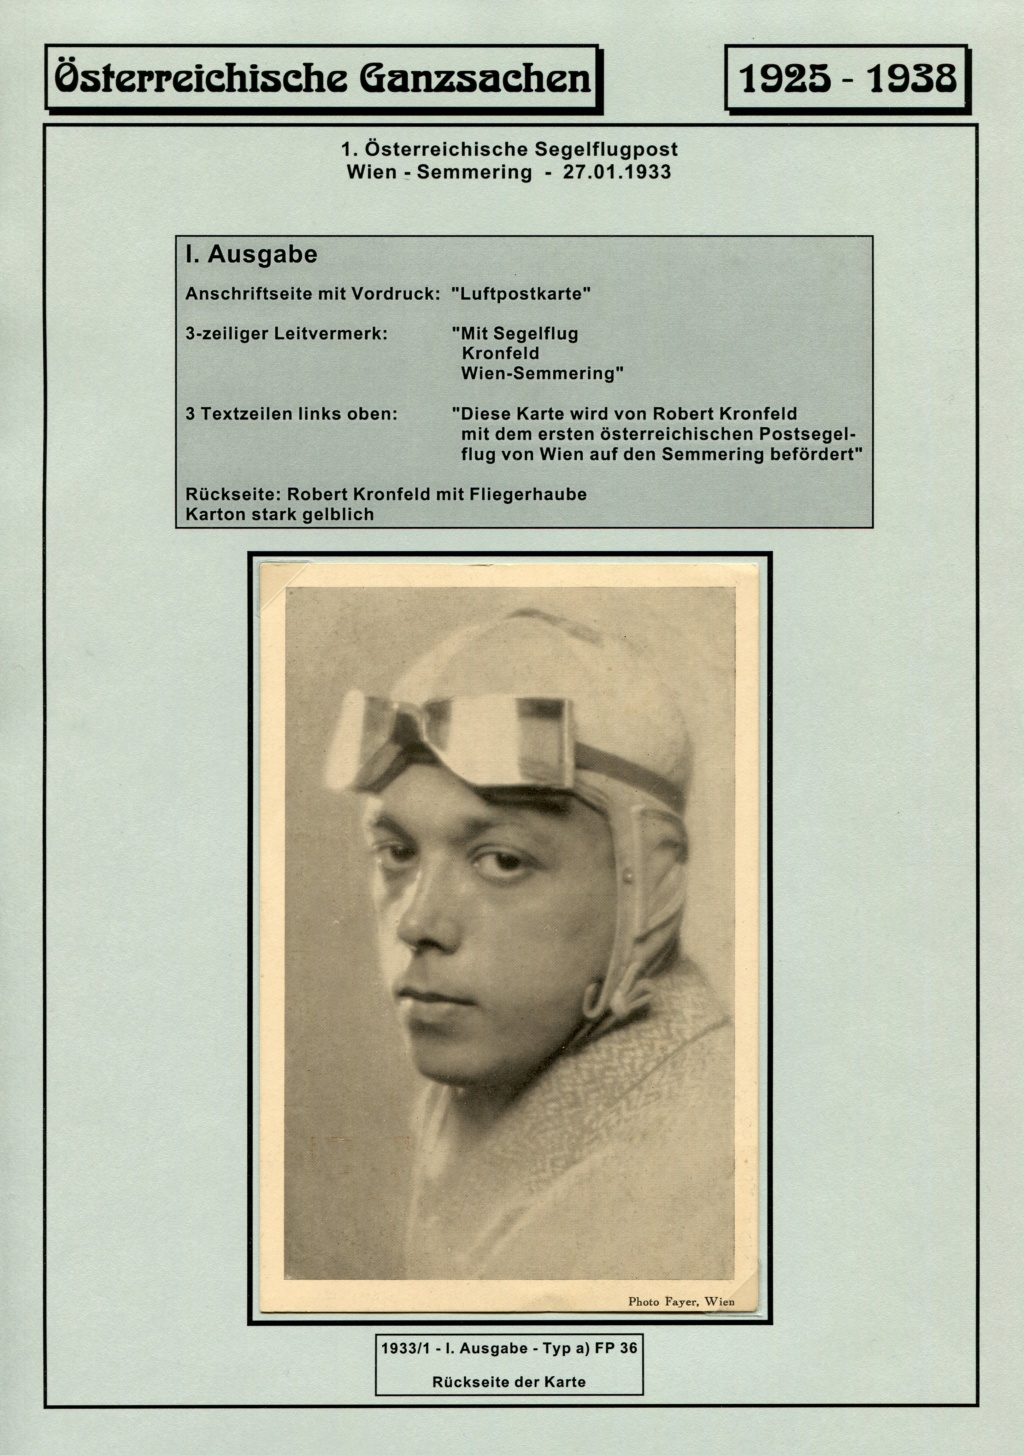 Ganzsachen - Segelflug Robert Kronfeld 1933 Kr_00013